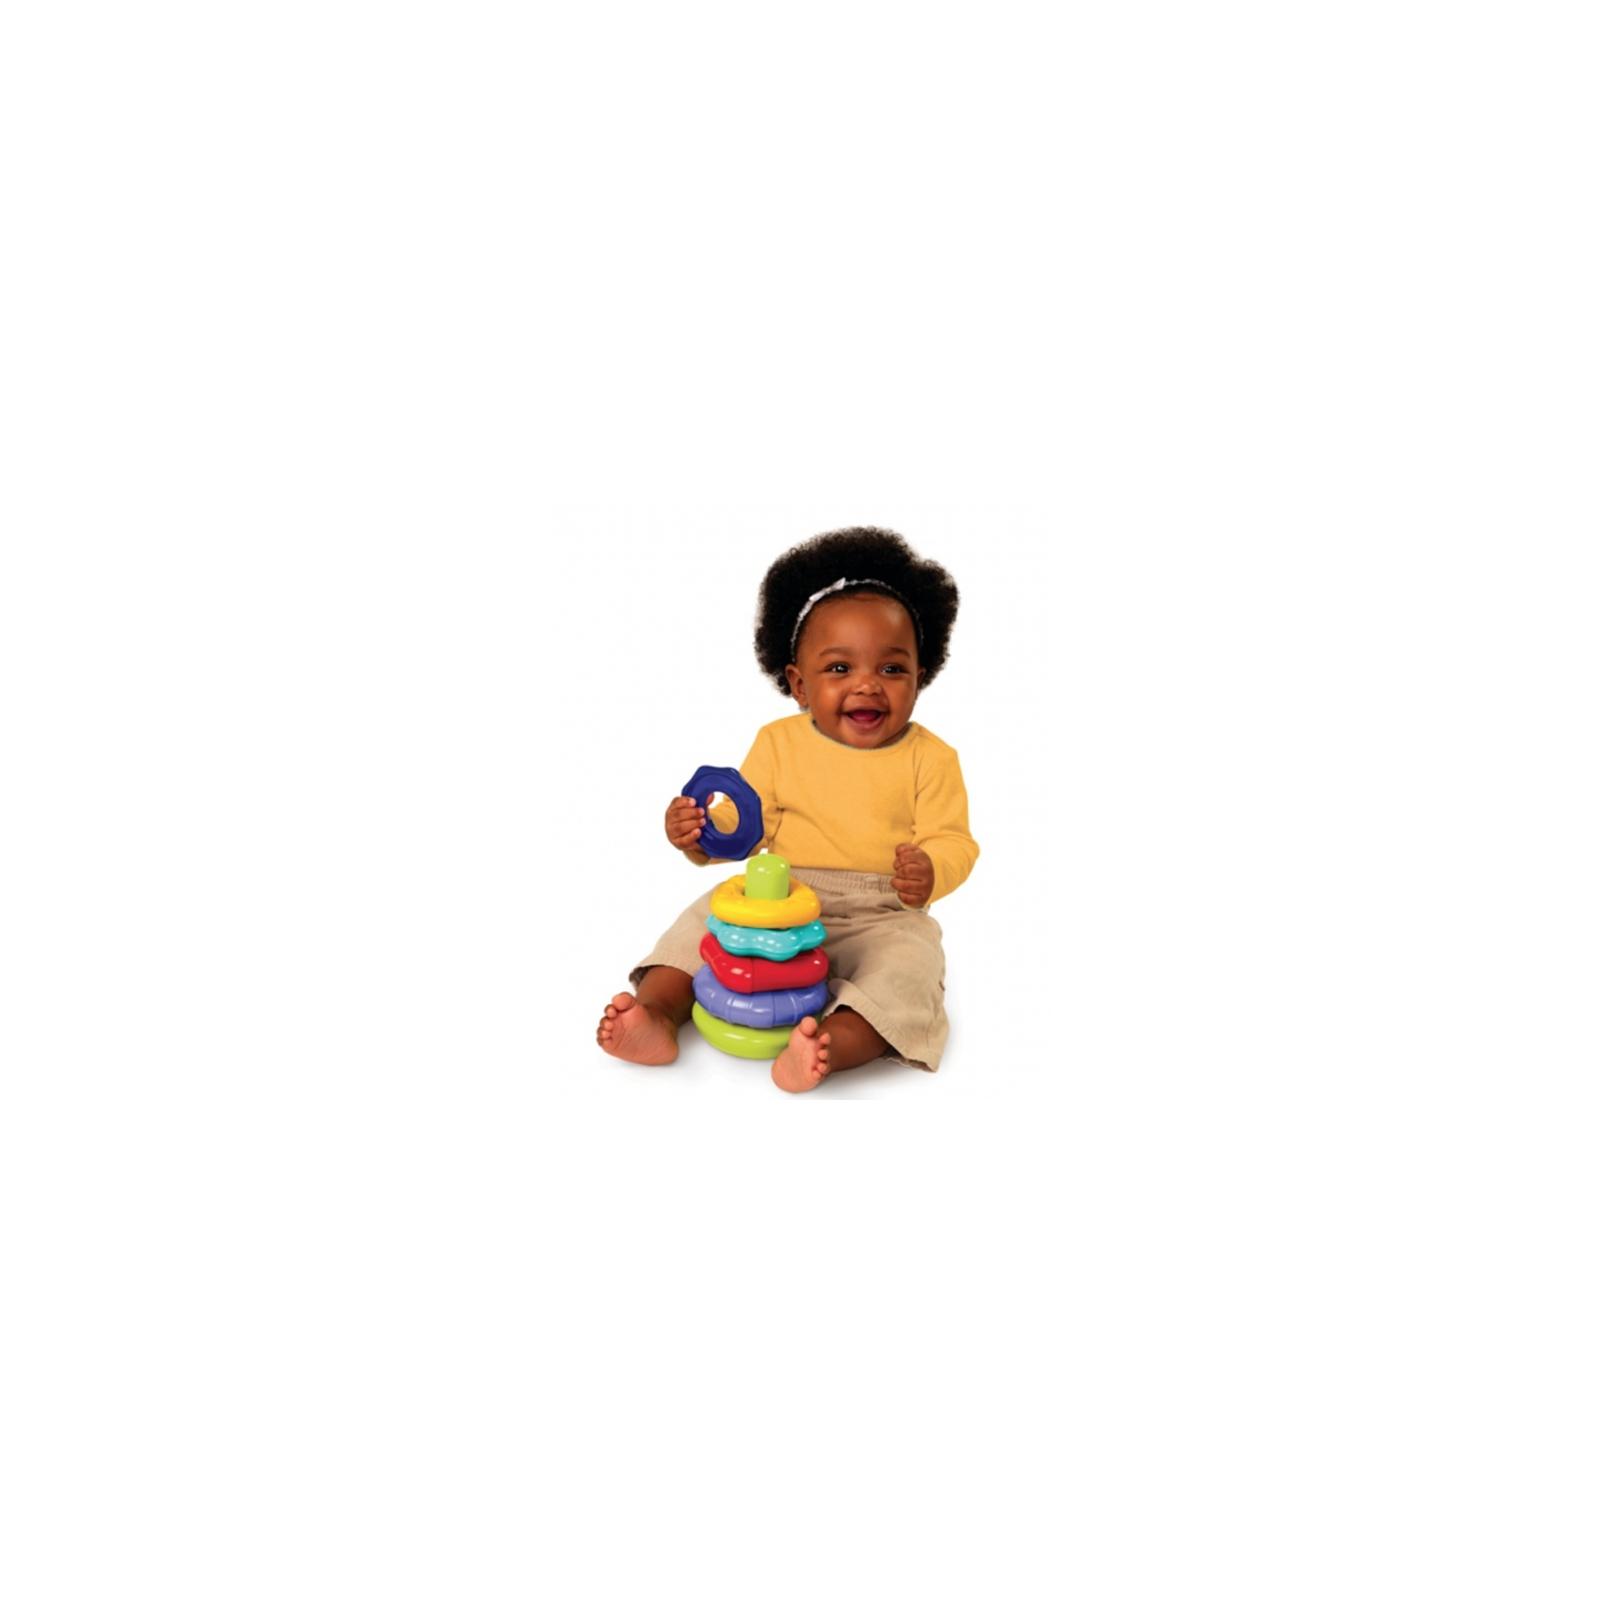 Развивающая игрушка Bright Starts Пирамидка (9001) изображение 5